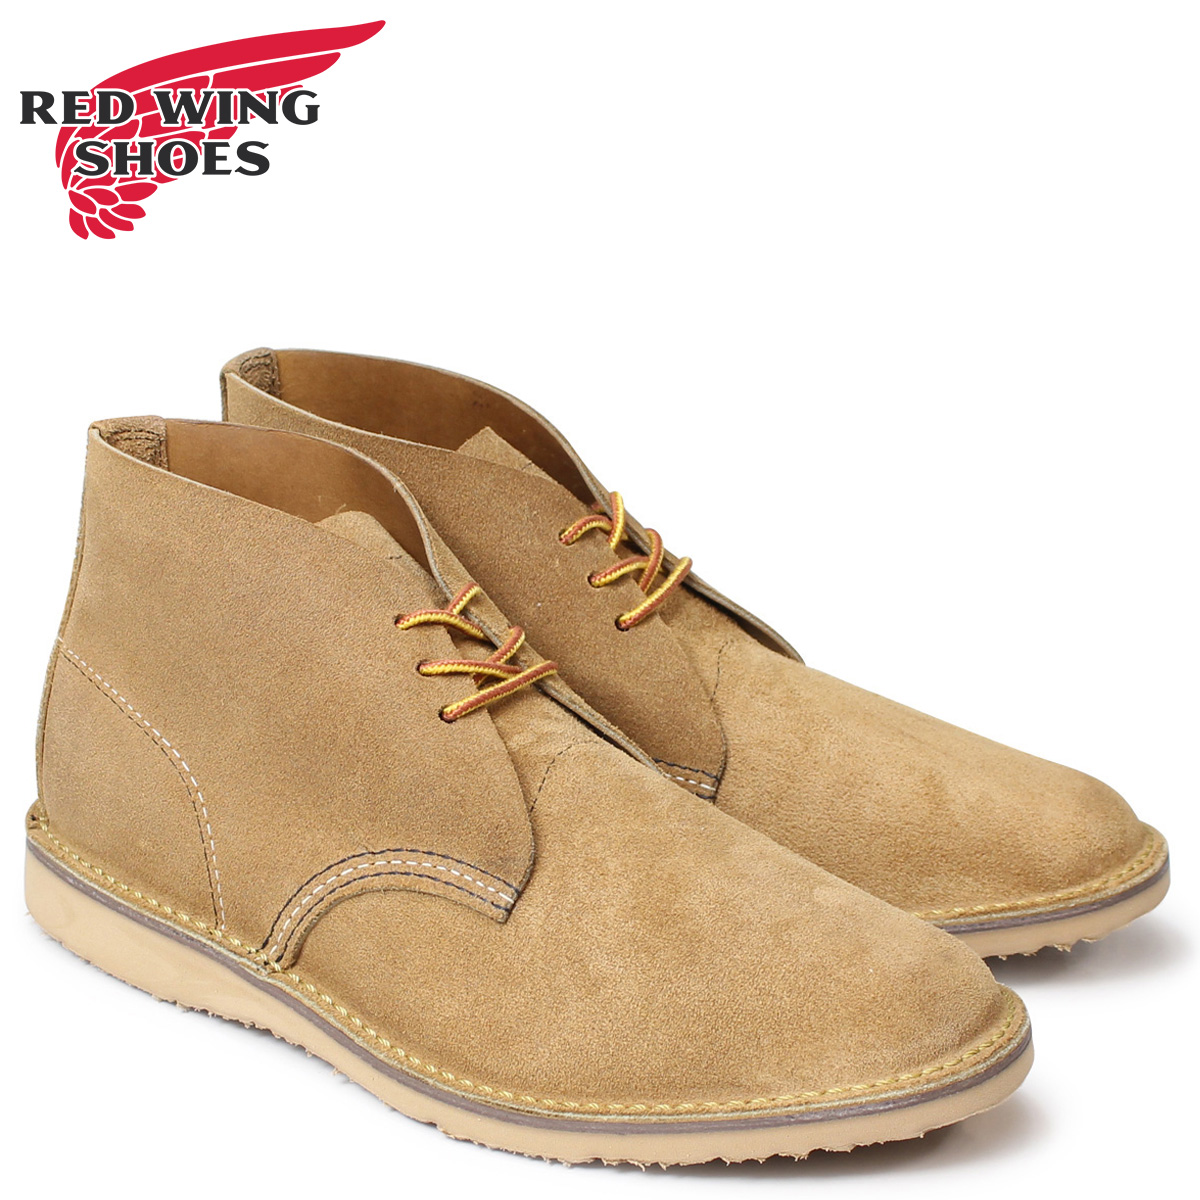 RED WING レッドウィング ブーツ チャッカブーツ メンズ WEEKENDER CHUKKA Dワイズ ブラウン 3321